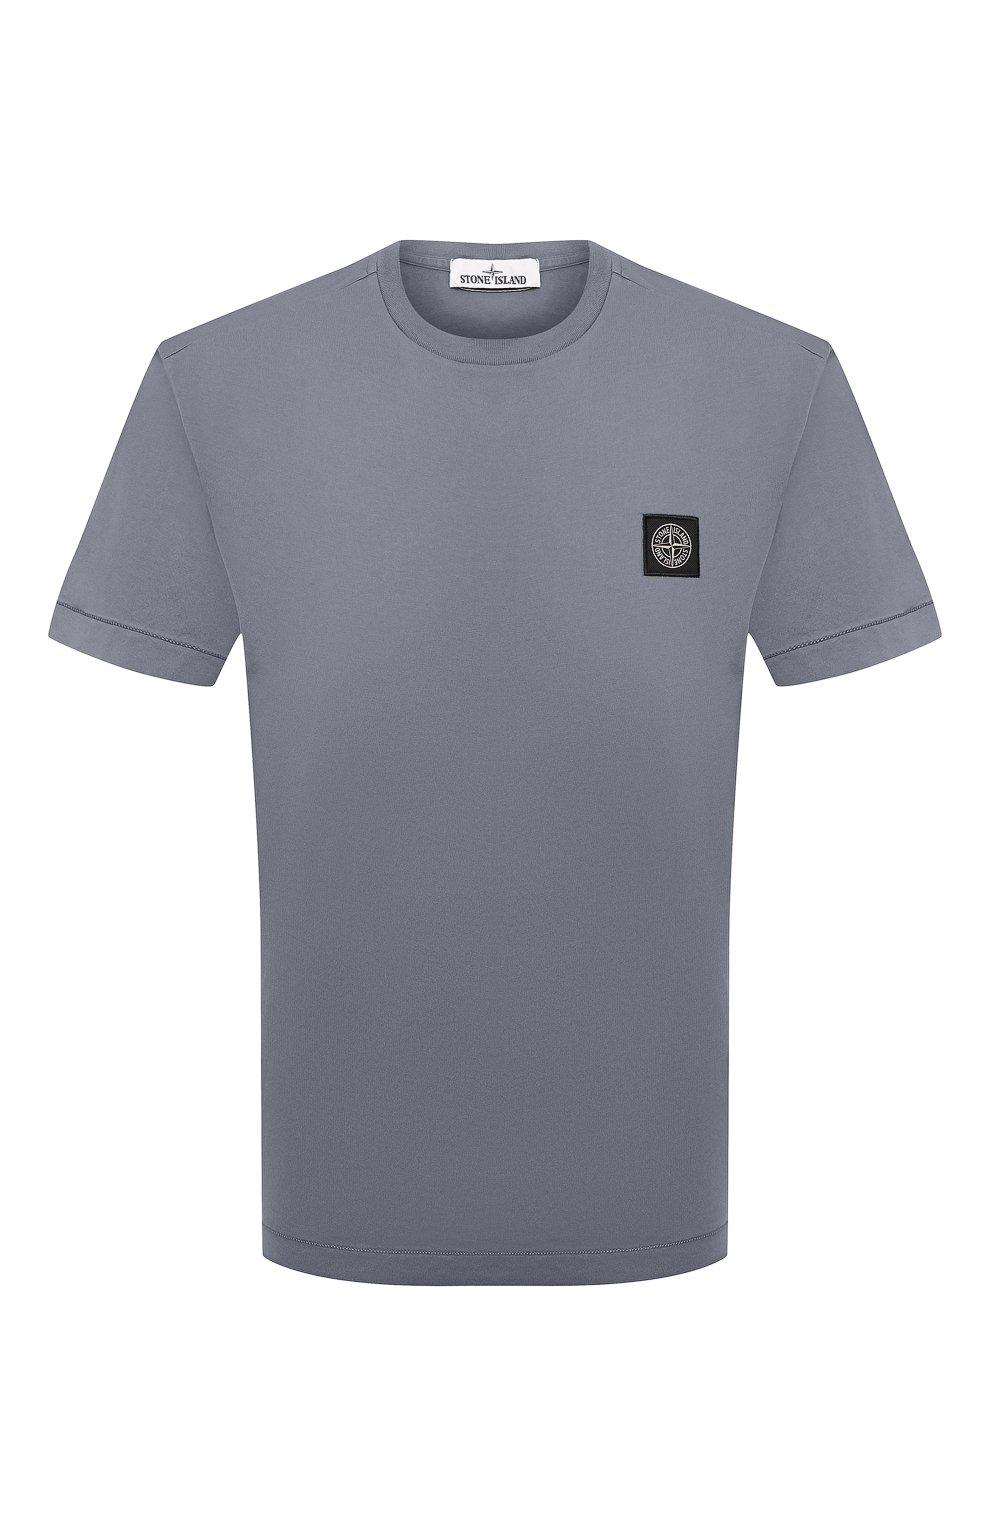 Мужская хлопковая футболка STONE ISLAND серого цвета, арт. 751524113   Фото 1 (Принт: Без принта; Рукава: Короткие; Длина (для топов): Стандартные; Материал внешний: Хлопок; Стили: Кэжуэл)